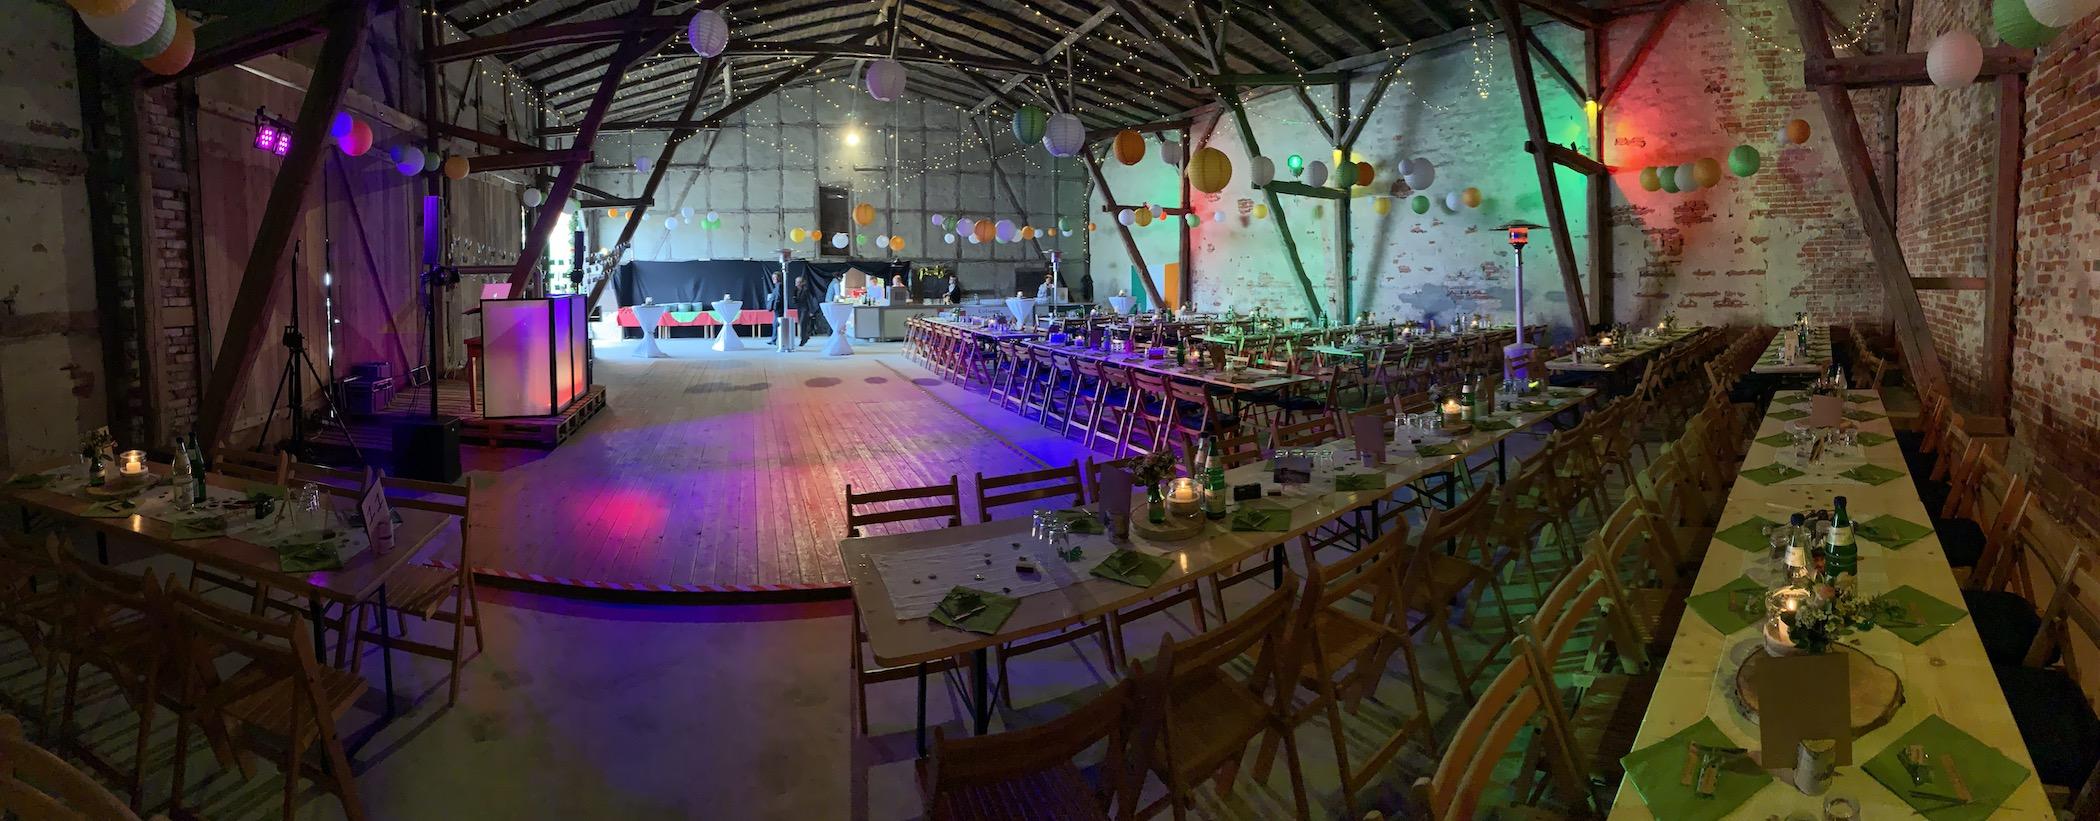 Hochzeits DJ in einer Scheune gefeiert